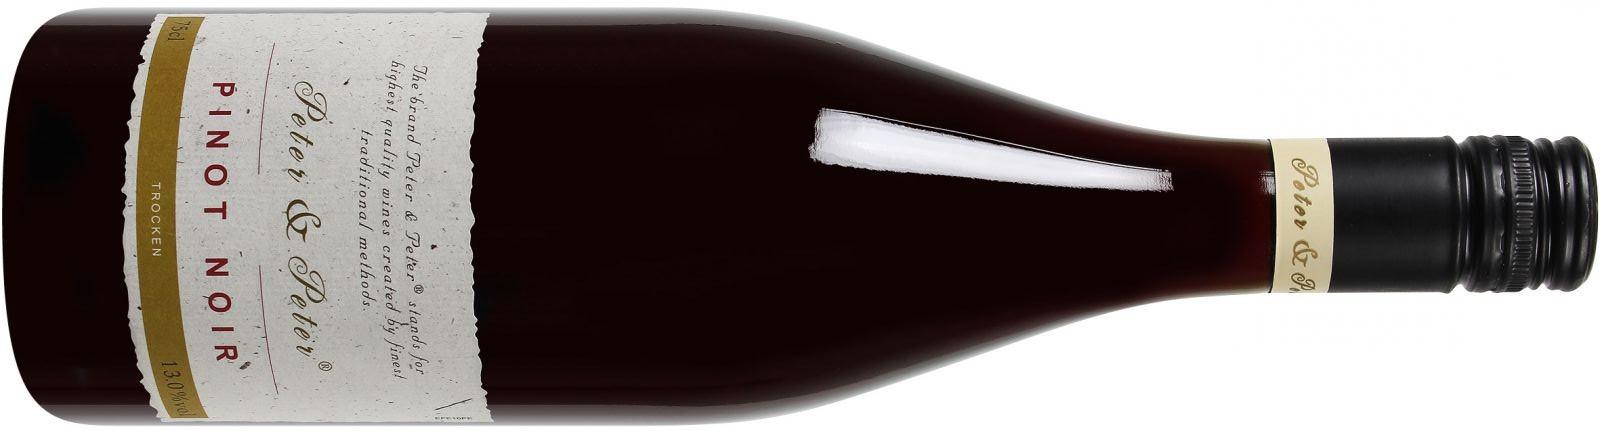 Peter & Peter Pinot Noir 2012